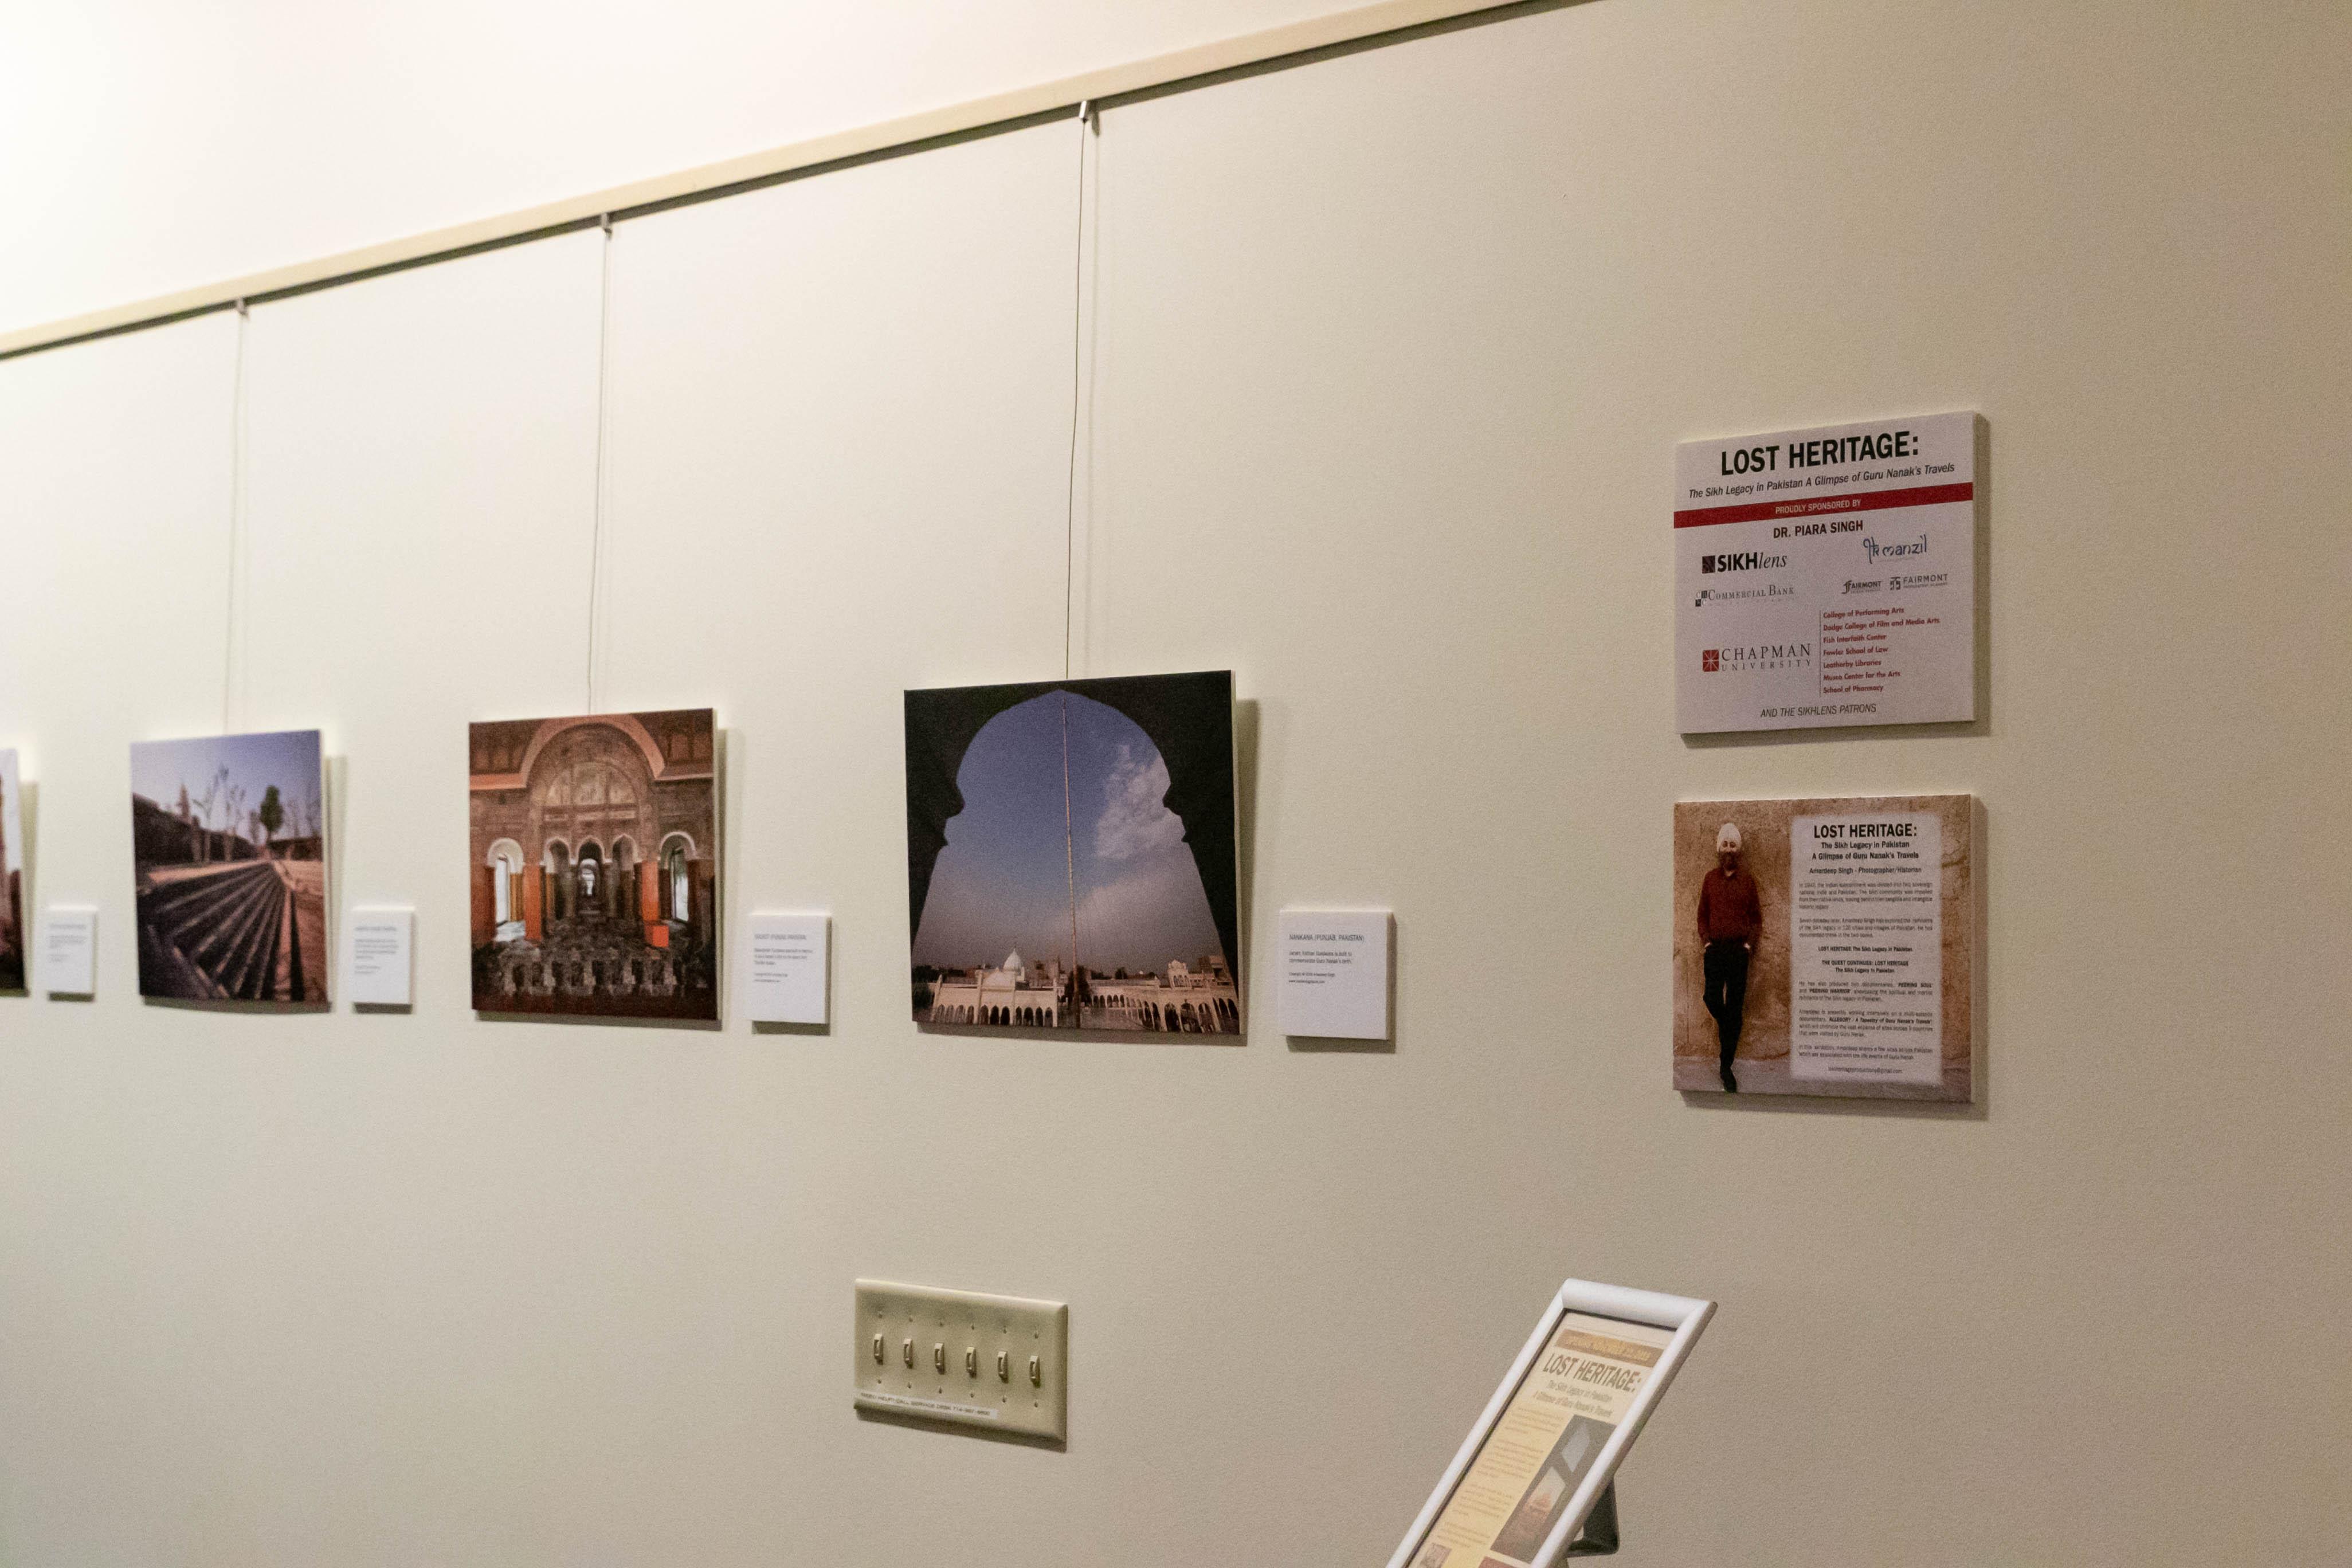 Four framed photos on a wall